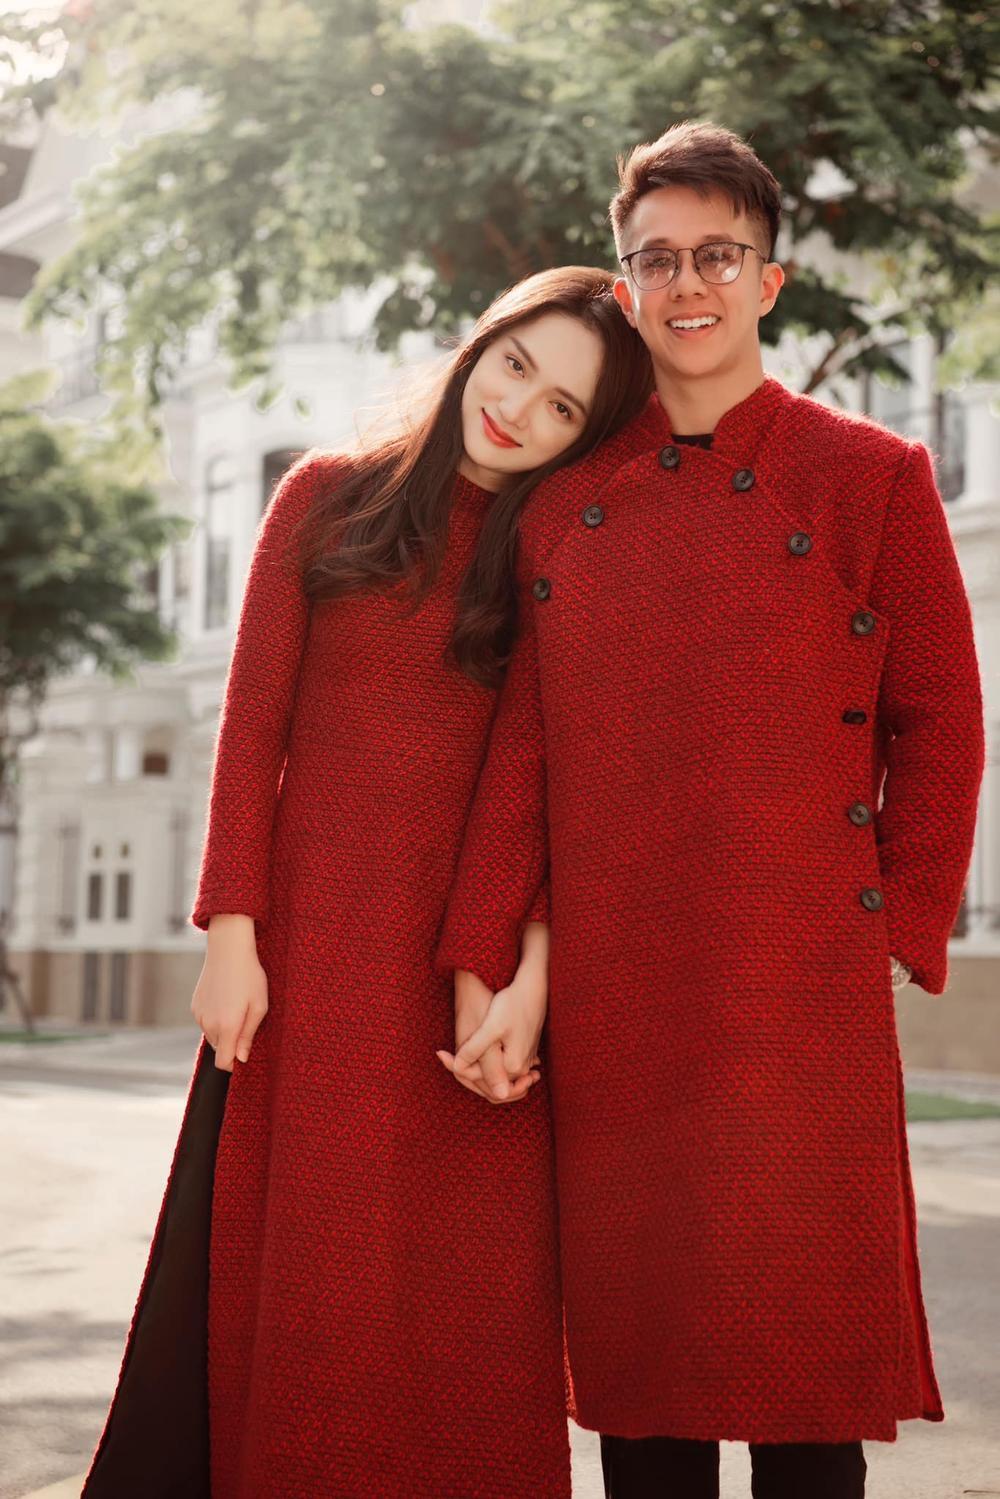 Sao Việt mùng 1 Tết Tân Sửu: Gia đình Hà Hồ đỏ rực 'xuất hành', Lan Ngọc khoe nhan sắc mặn mà cuốn hút Ảnh 2